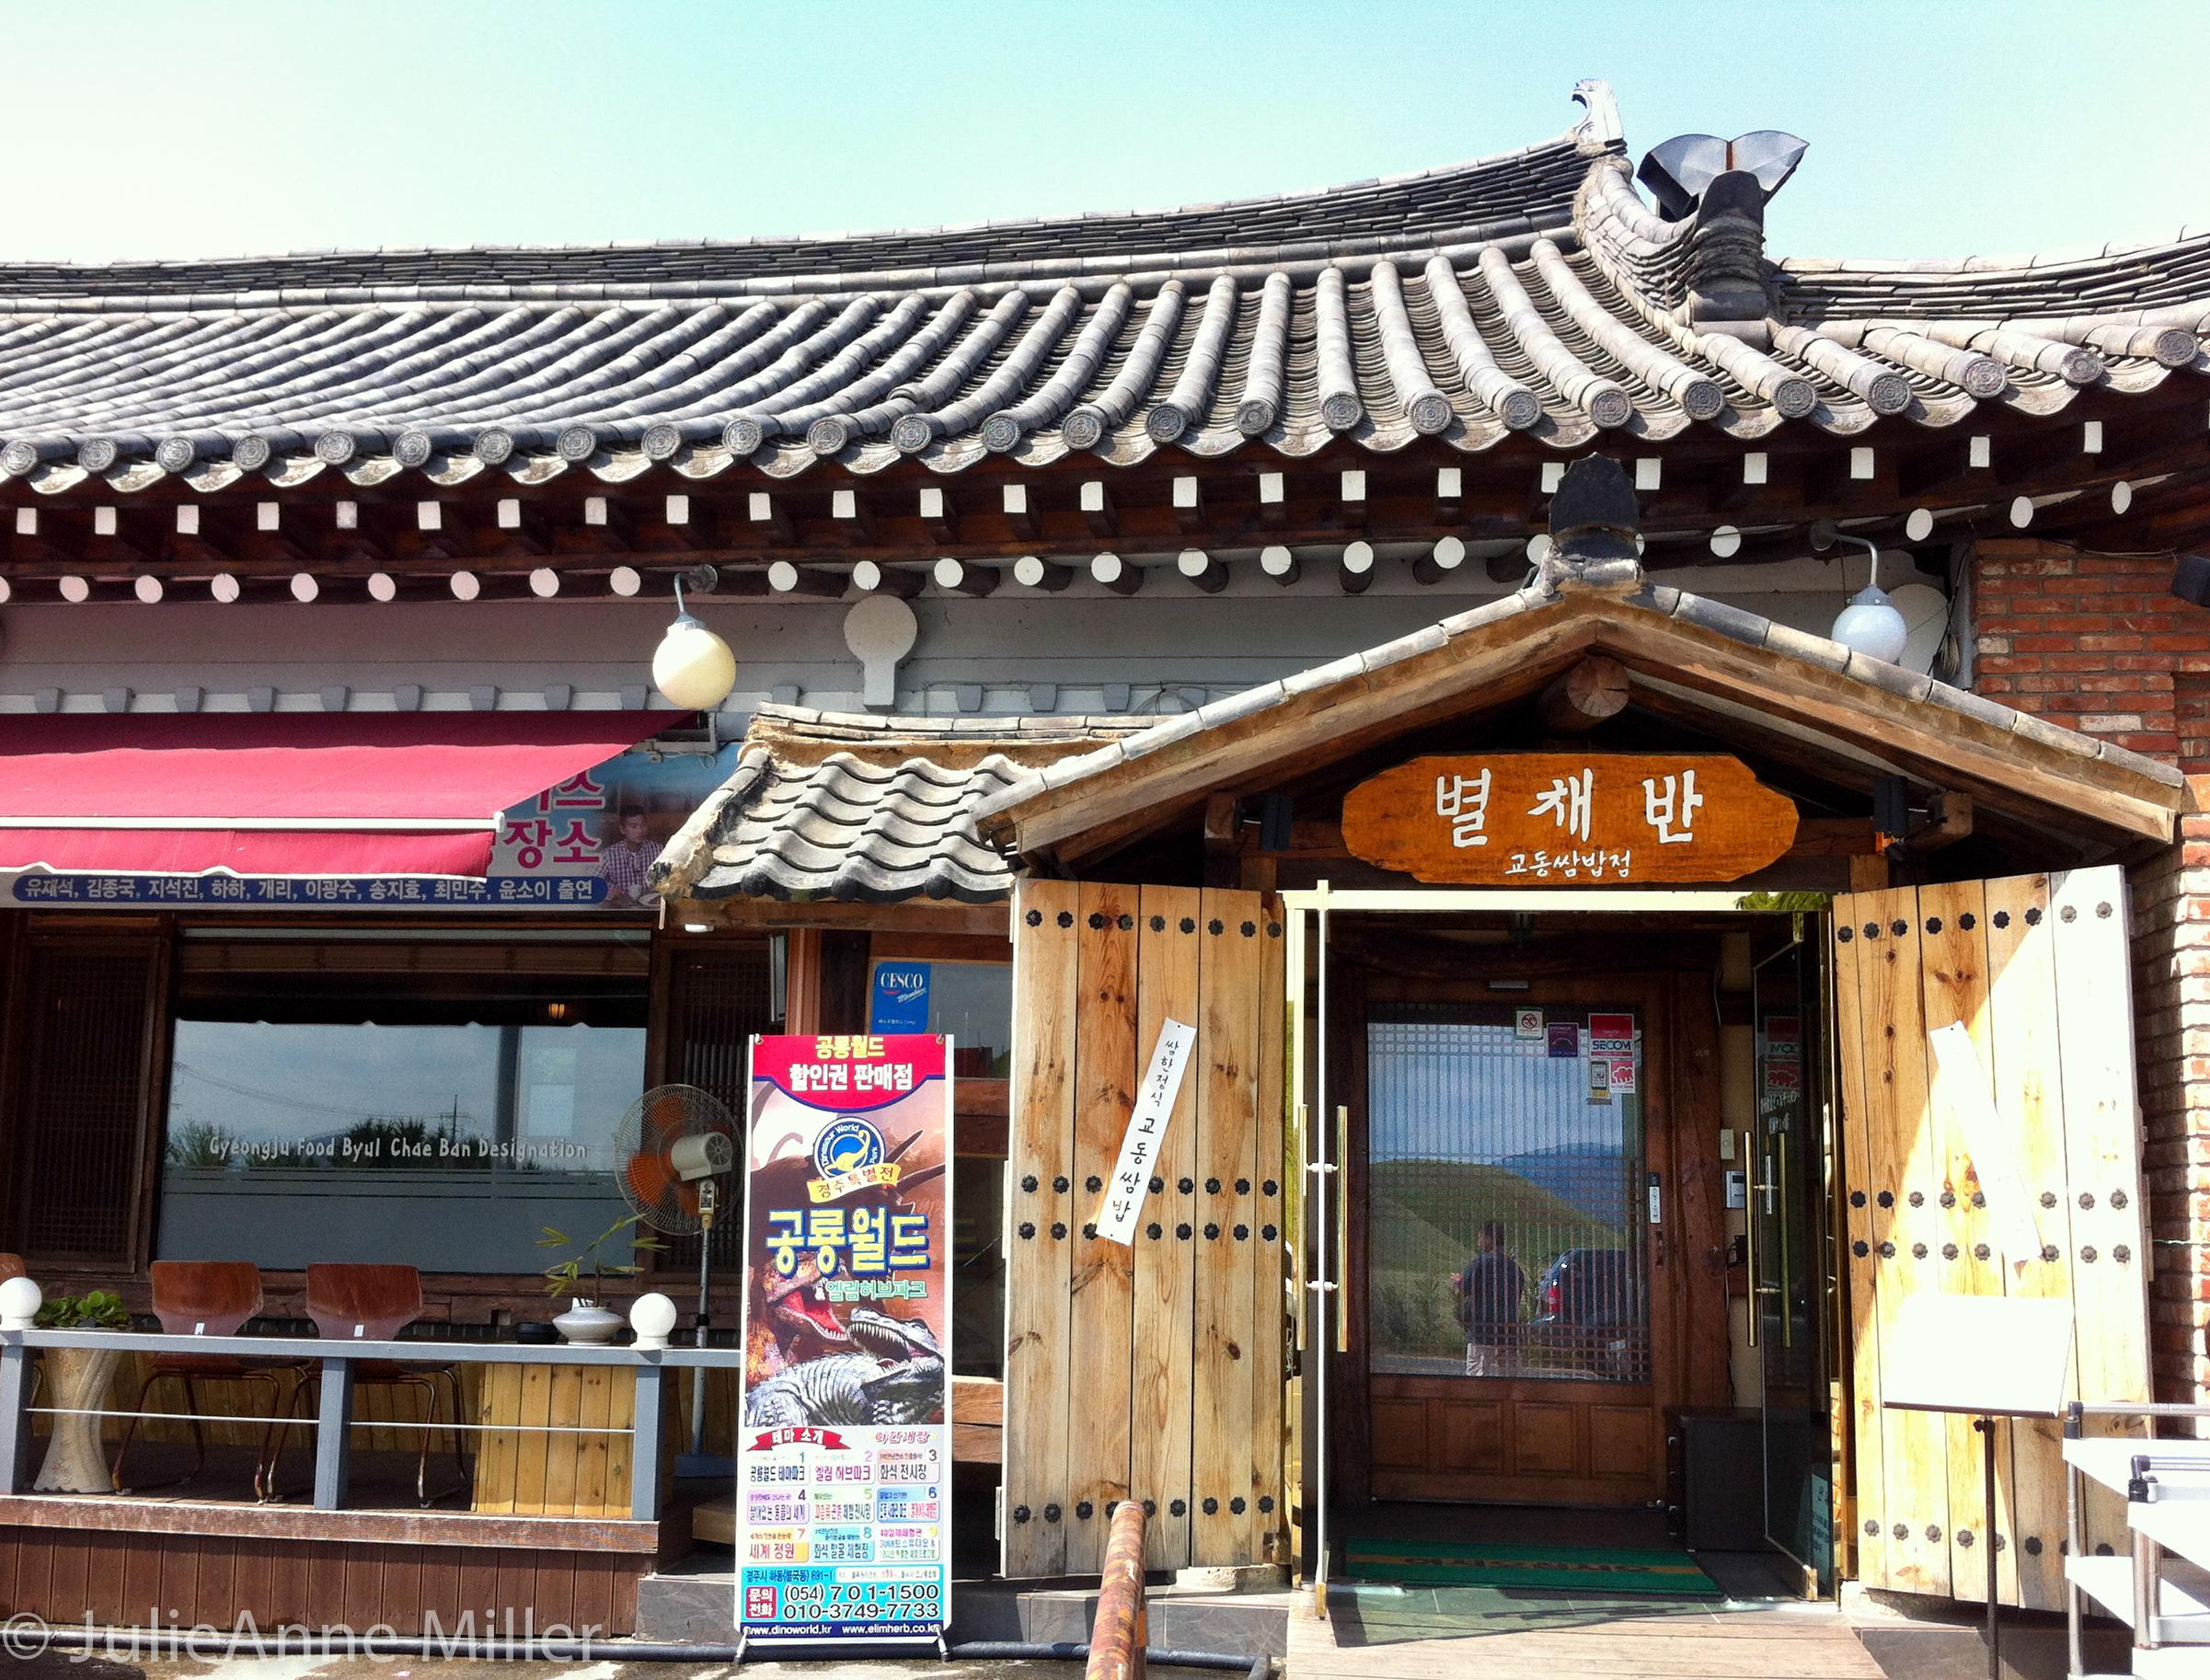 Byul Chae Ban restaurant, Gyeongju